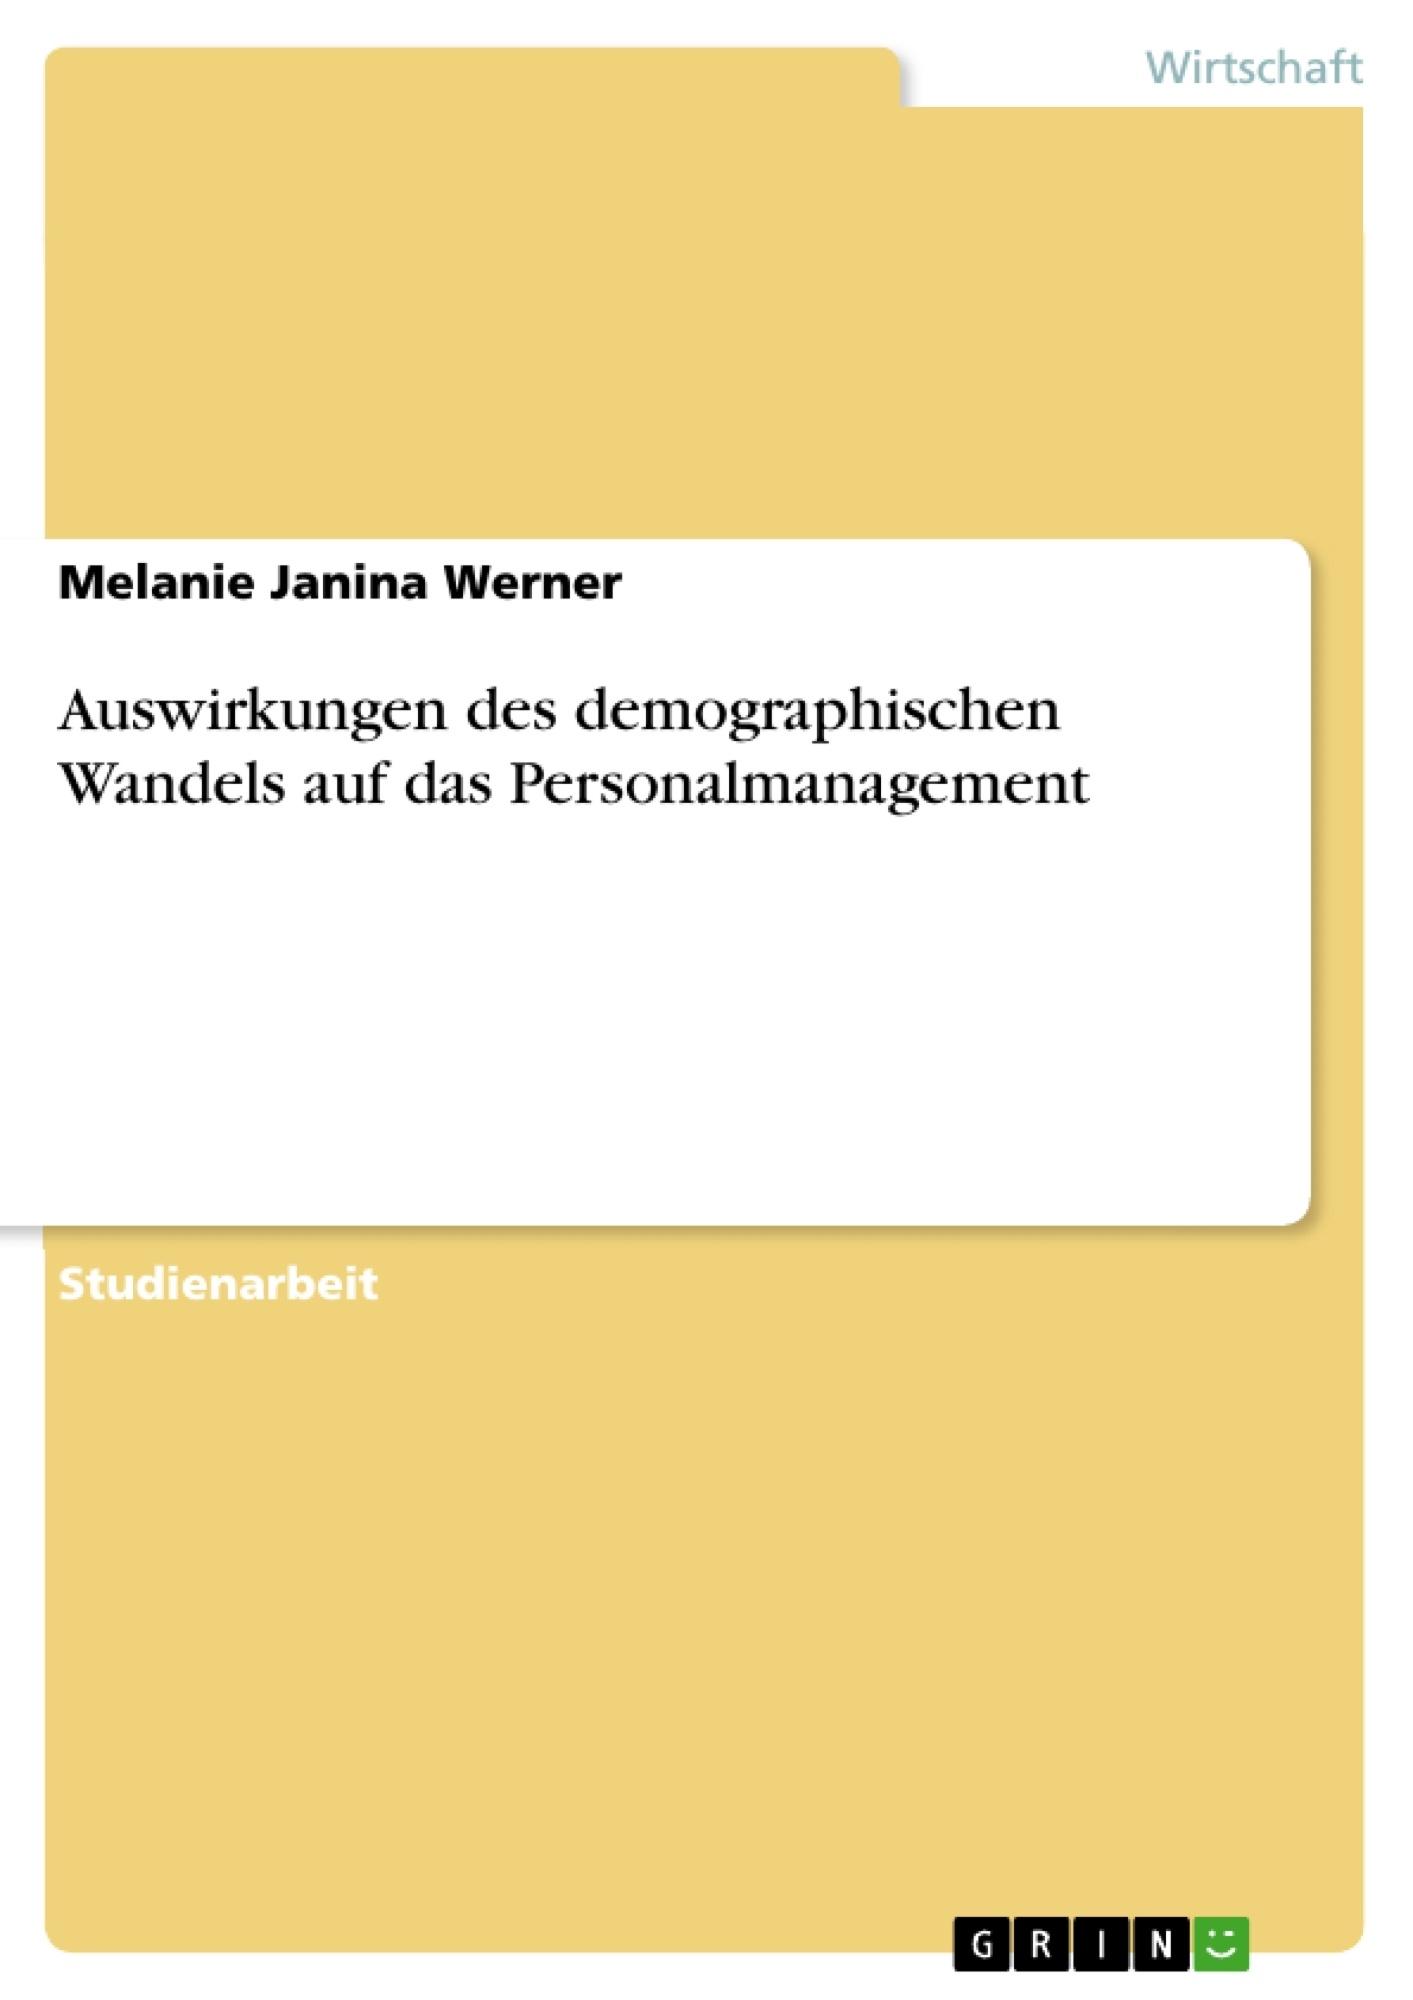 Titel: Auswirkungen des demographischen Wandels auf das Personalmanagement